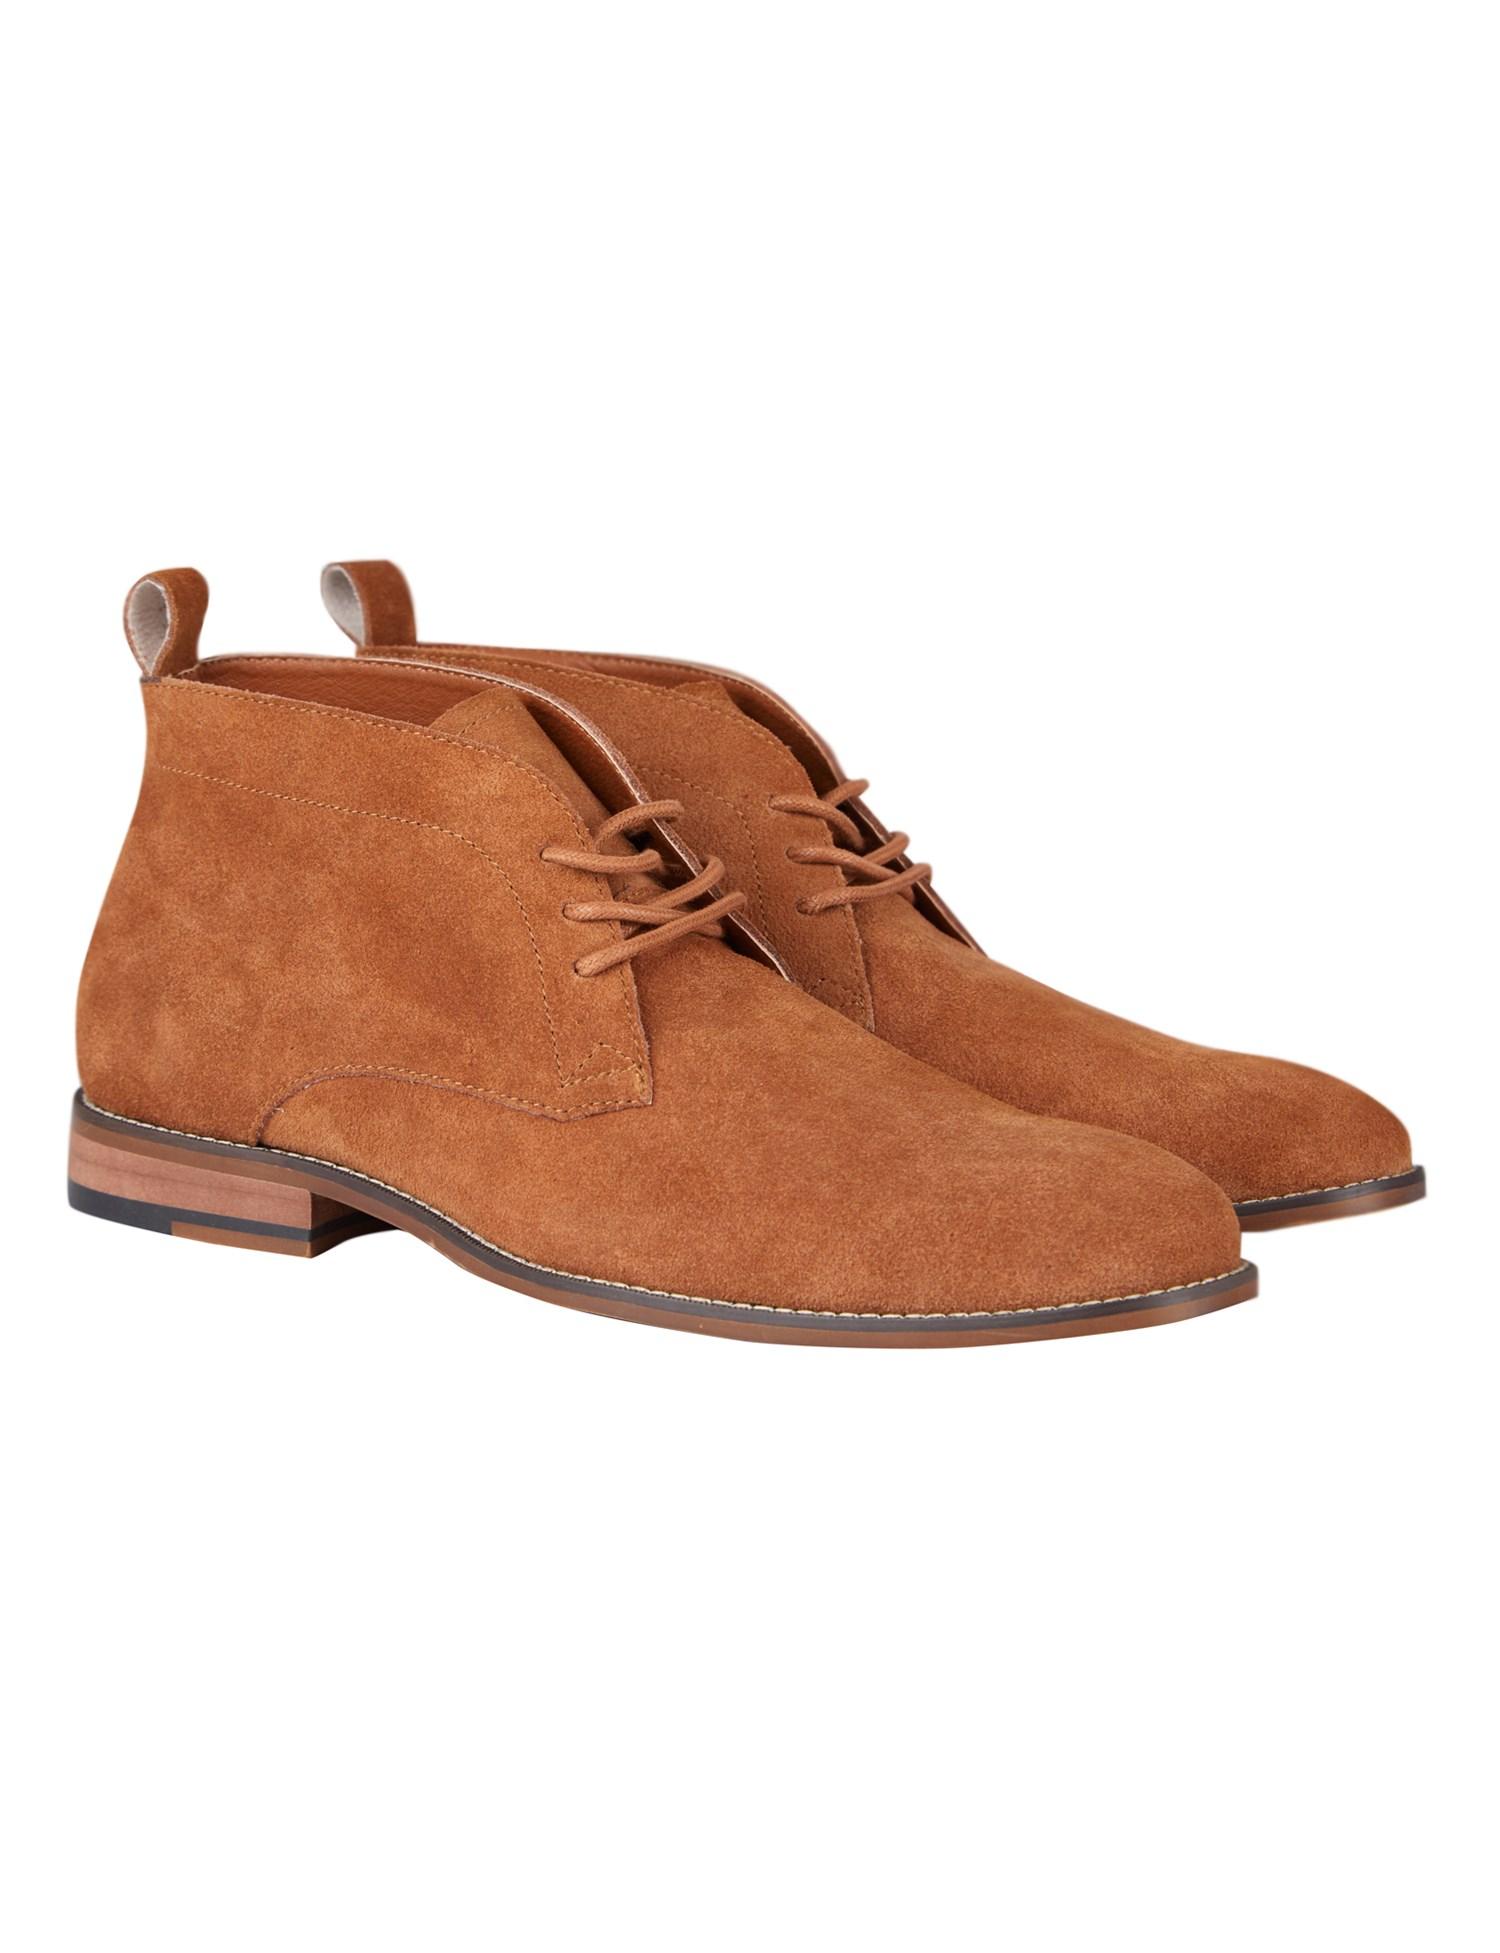 Men's Brown Suede Chukka Boots | Jeff